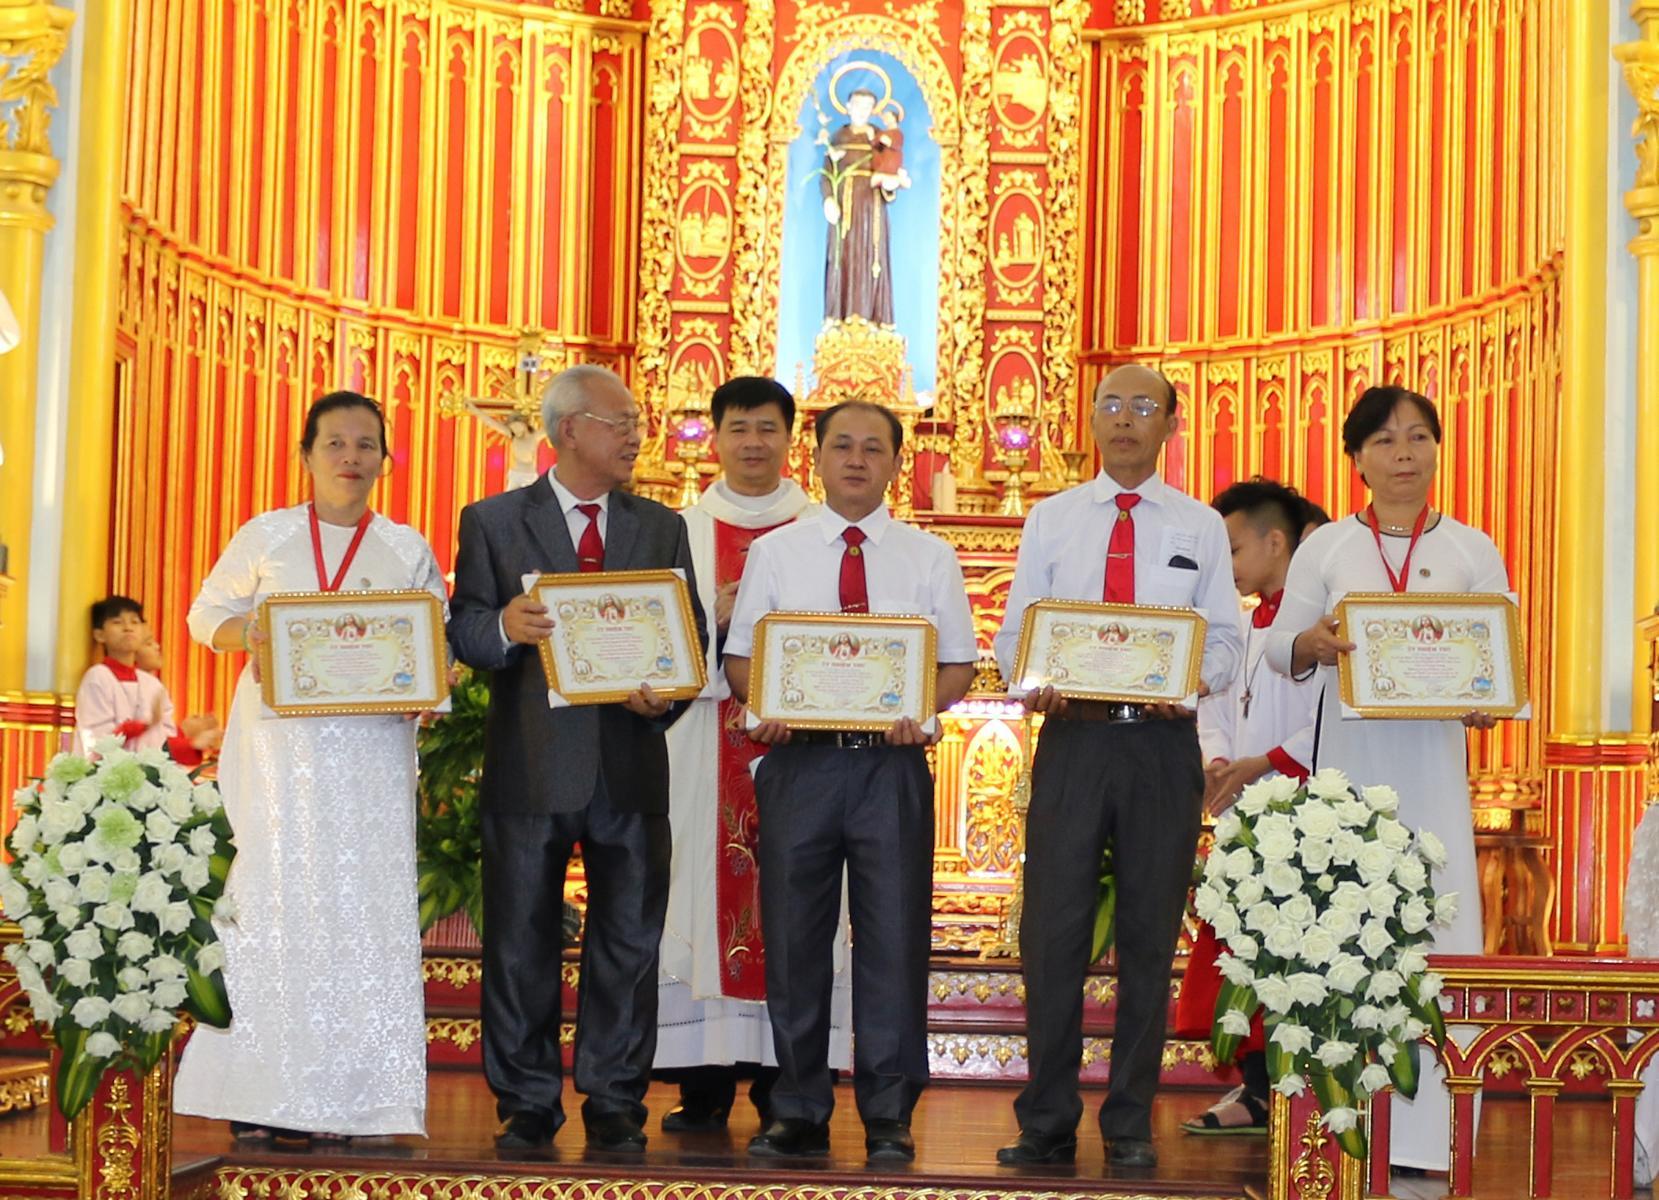 Xứ đoàn Thánh Antôn-giáo hạt Hải Dương